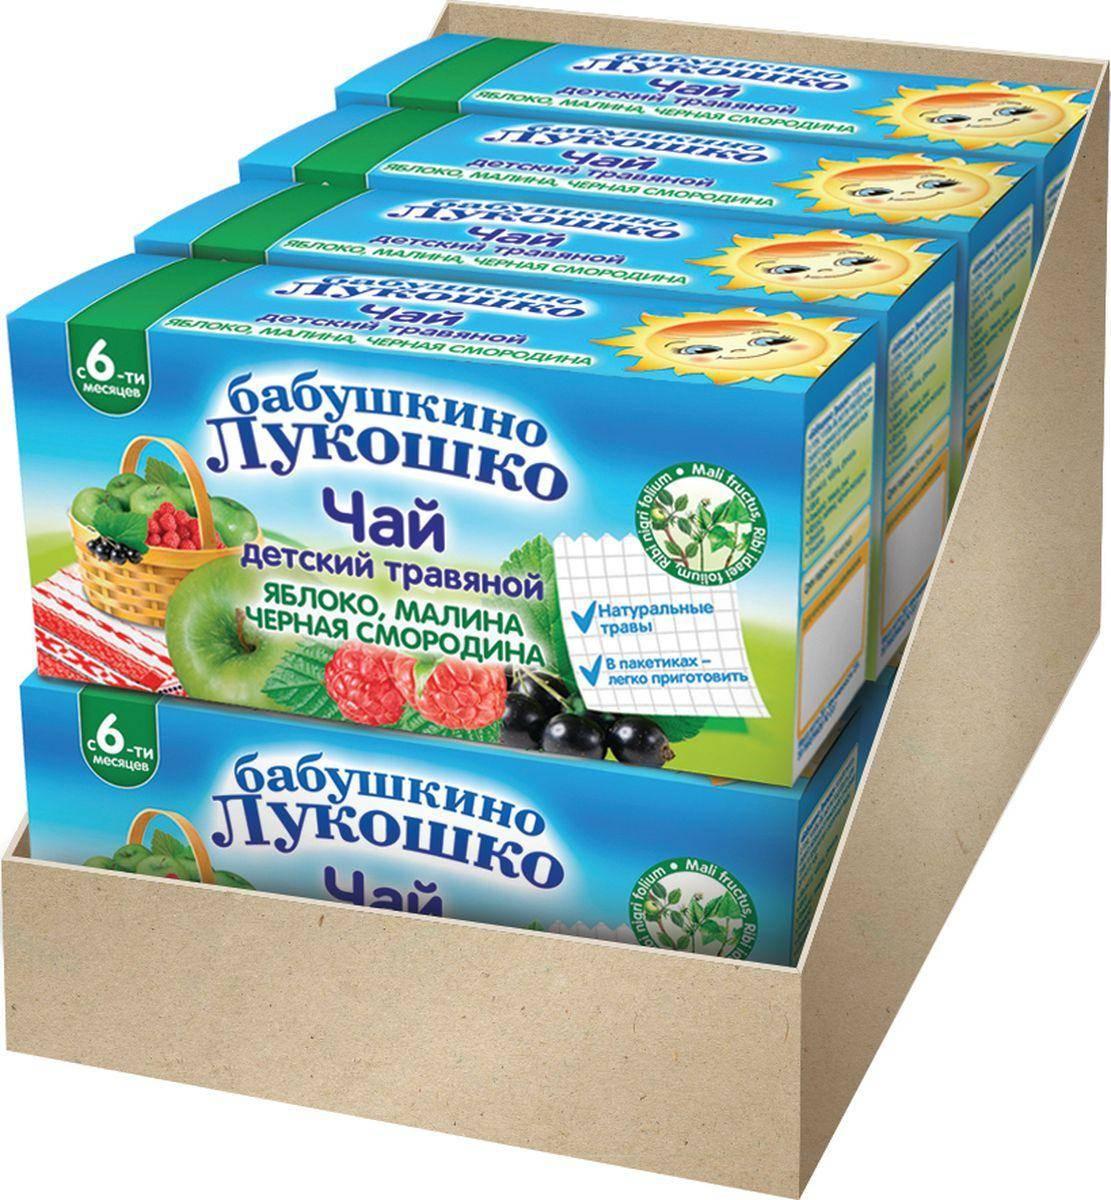 Чай бабушкино лукошко с фенхелем: полезные свойства